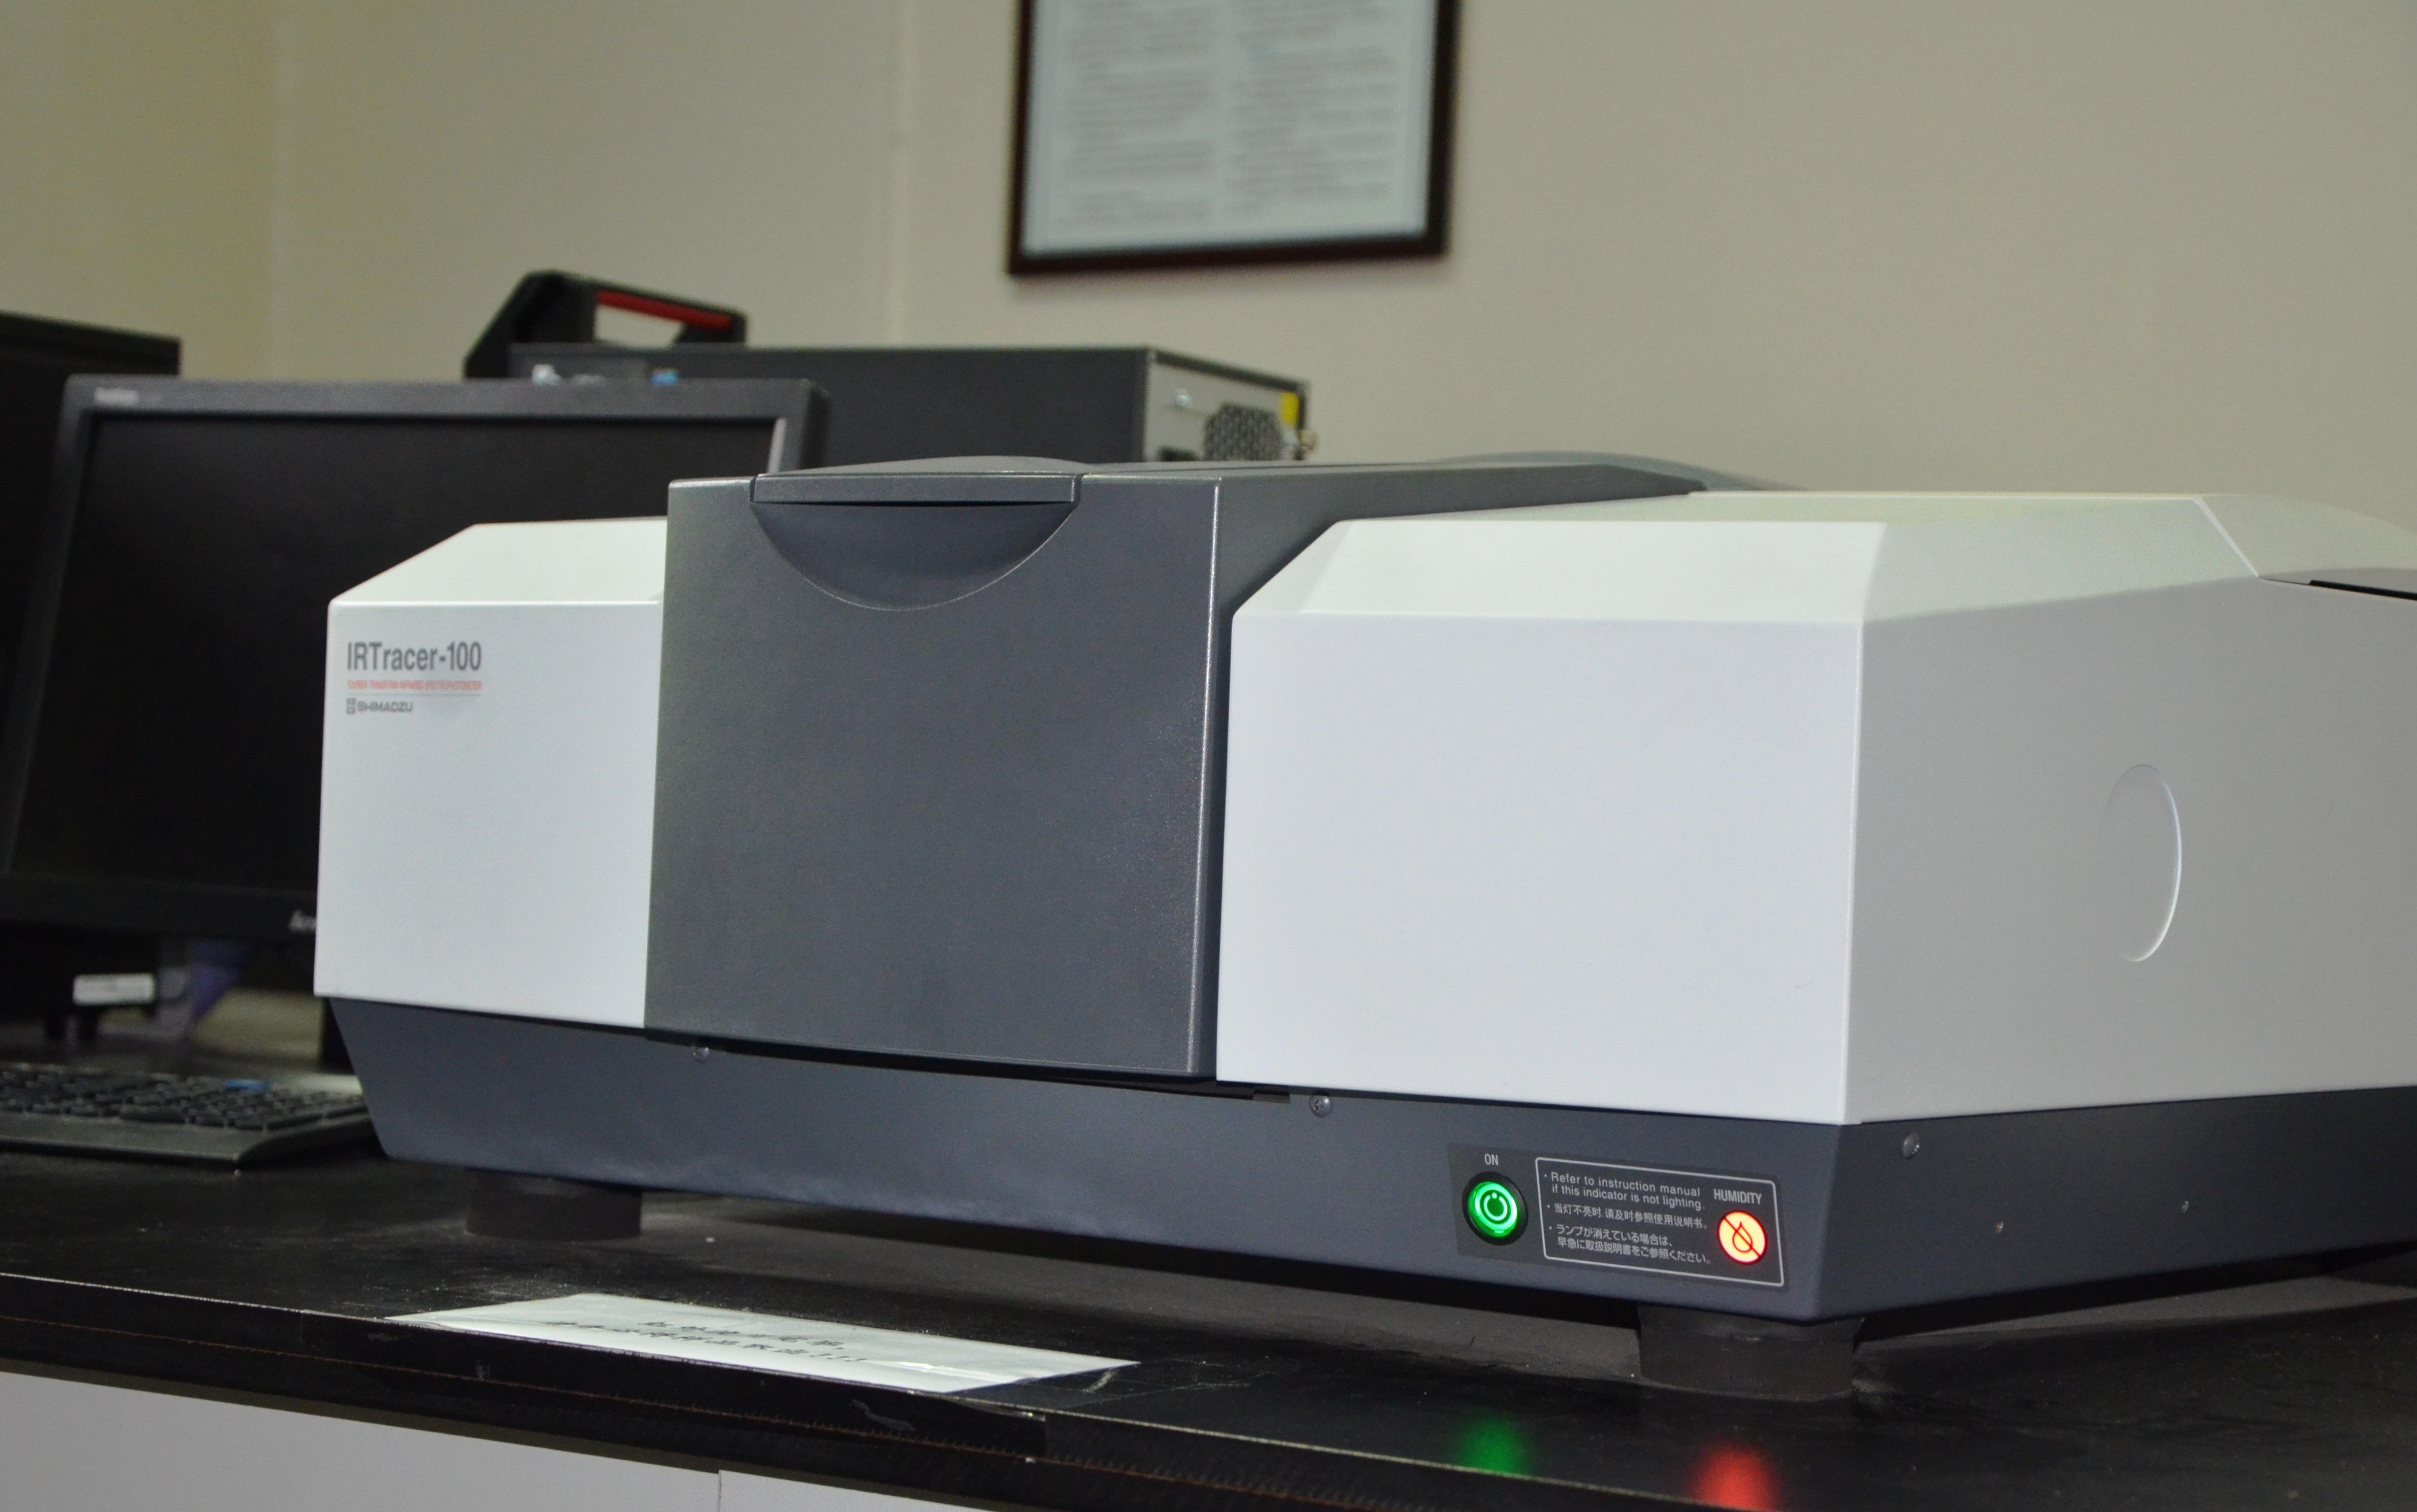 傅里叶变换红外光谱仪(FT-IR spectrometeter)